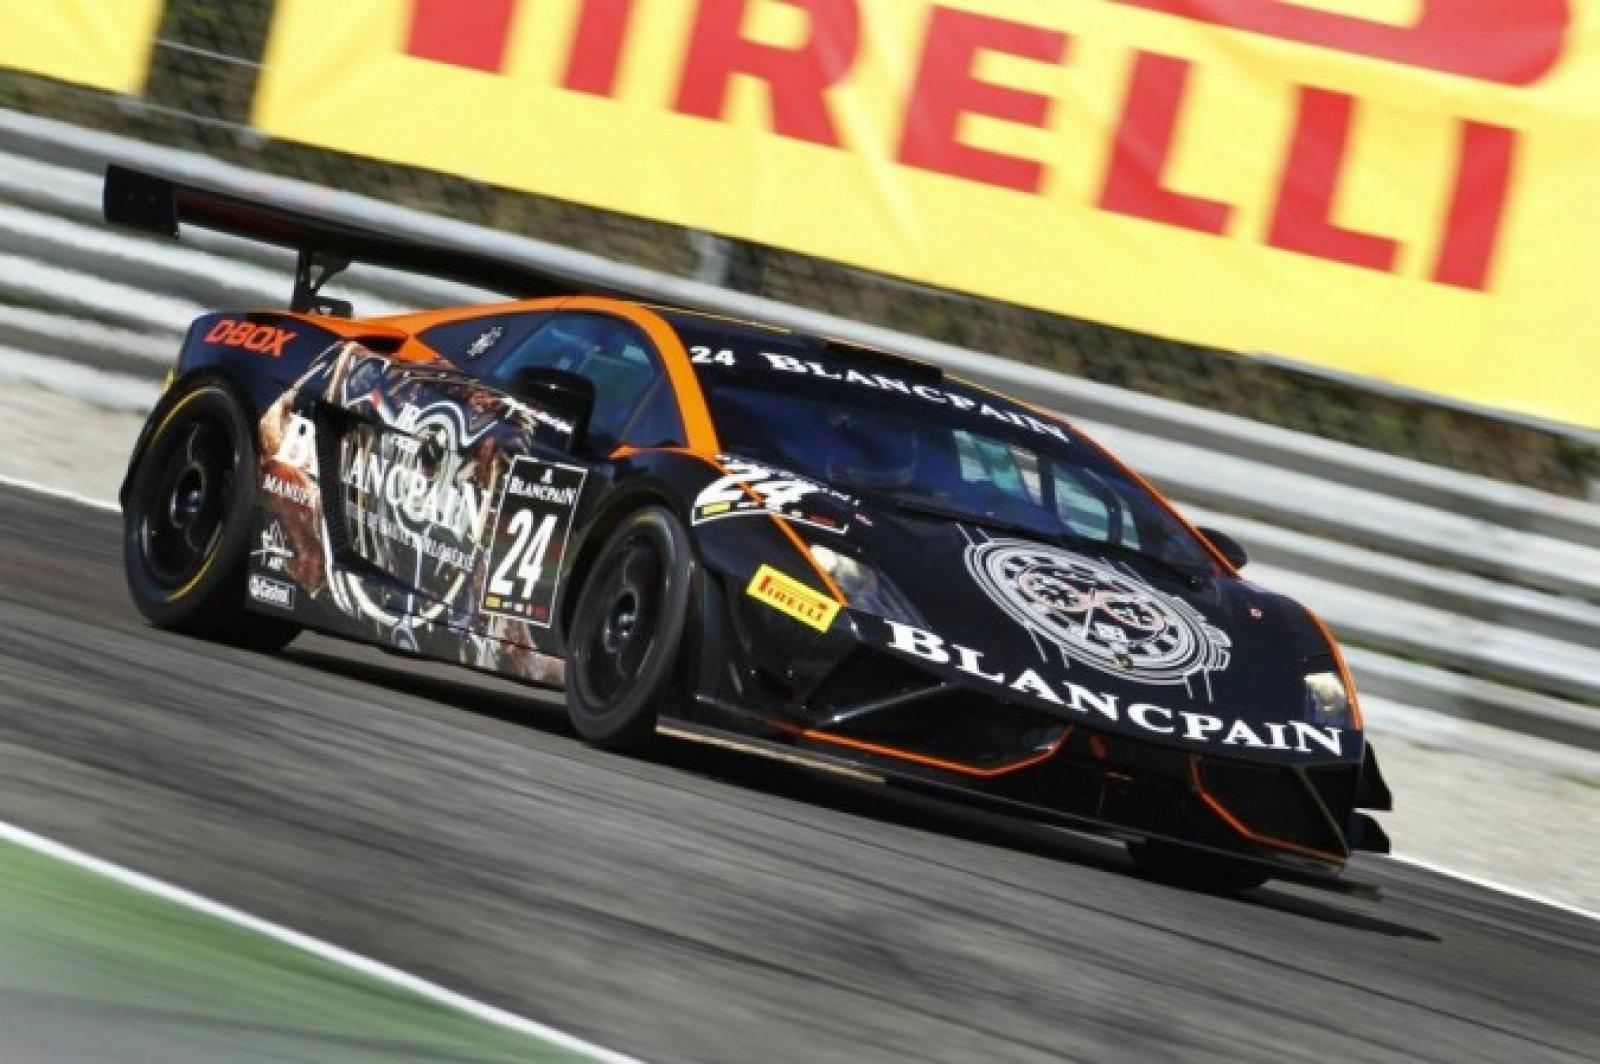 Elf brand to be seen in 2013 Blancpain Endurance Series